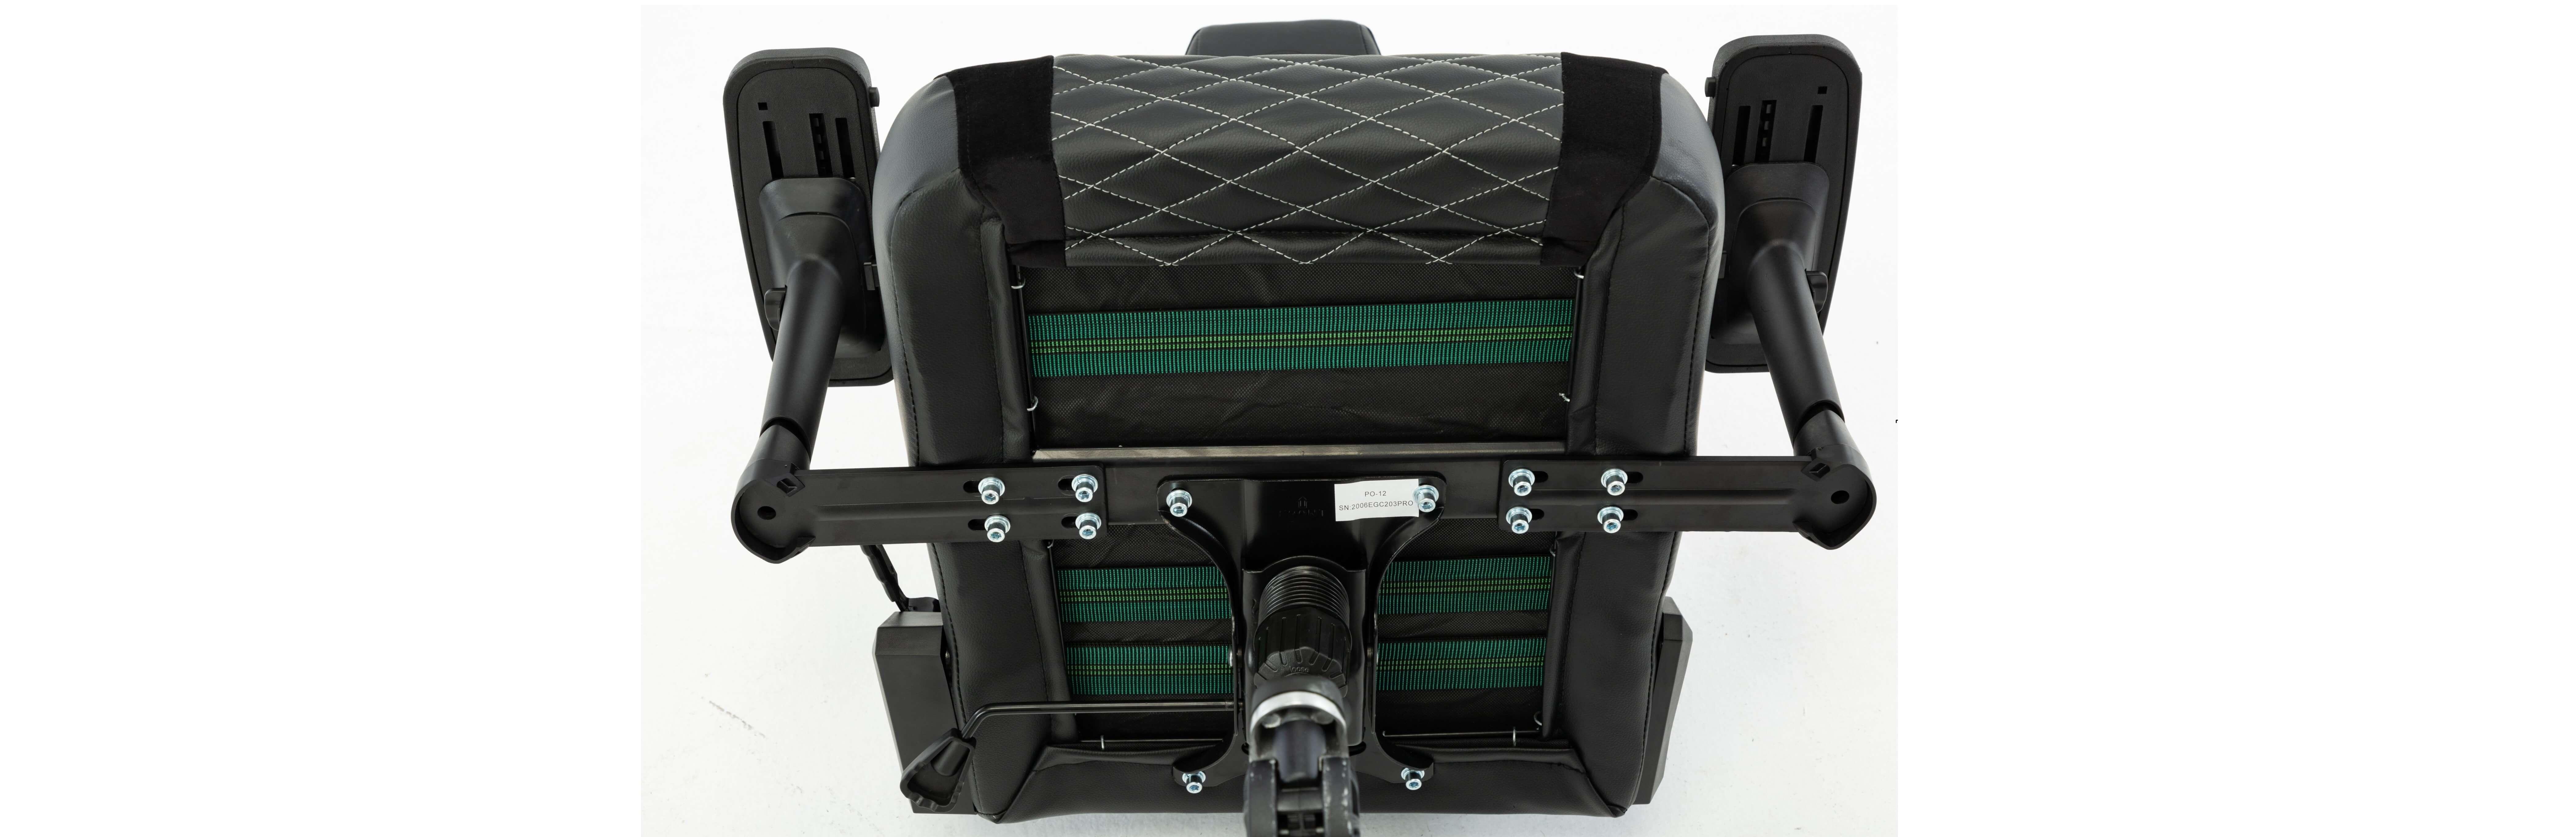 Ghế gamer E-Dra Hercules EGC203 Pro Black/White có cấu tạo khung bằng thép cực kỳ chắc chắn